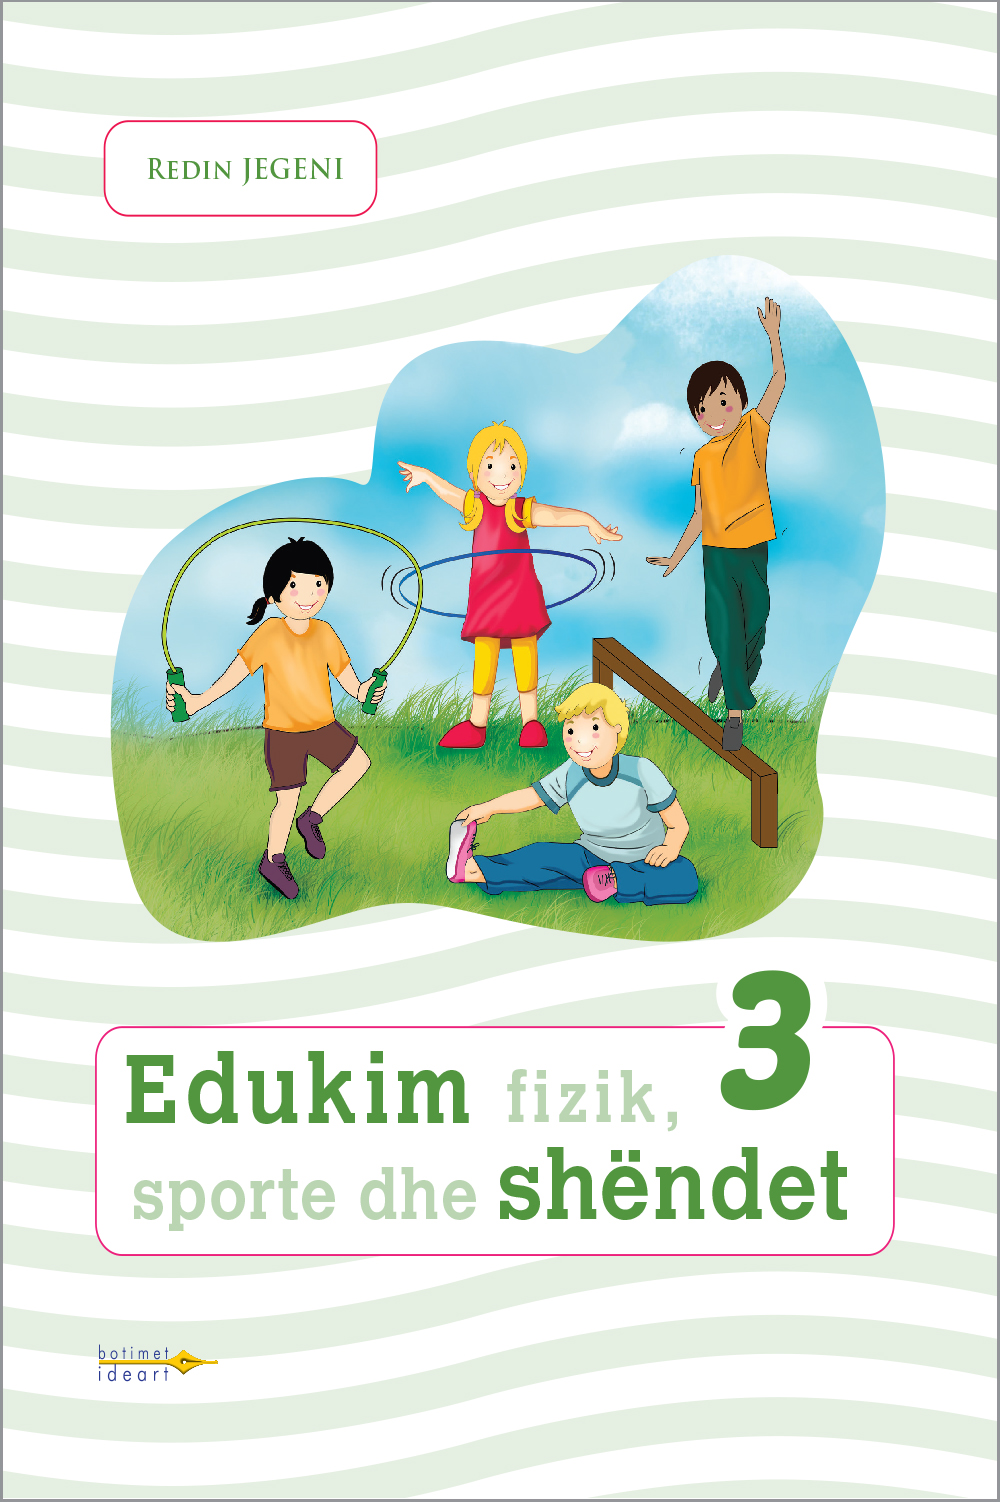 Edukim fizik, sporte dhe shëndet 3